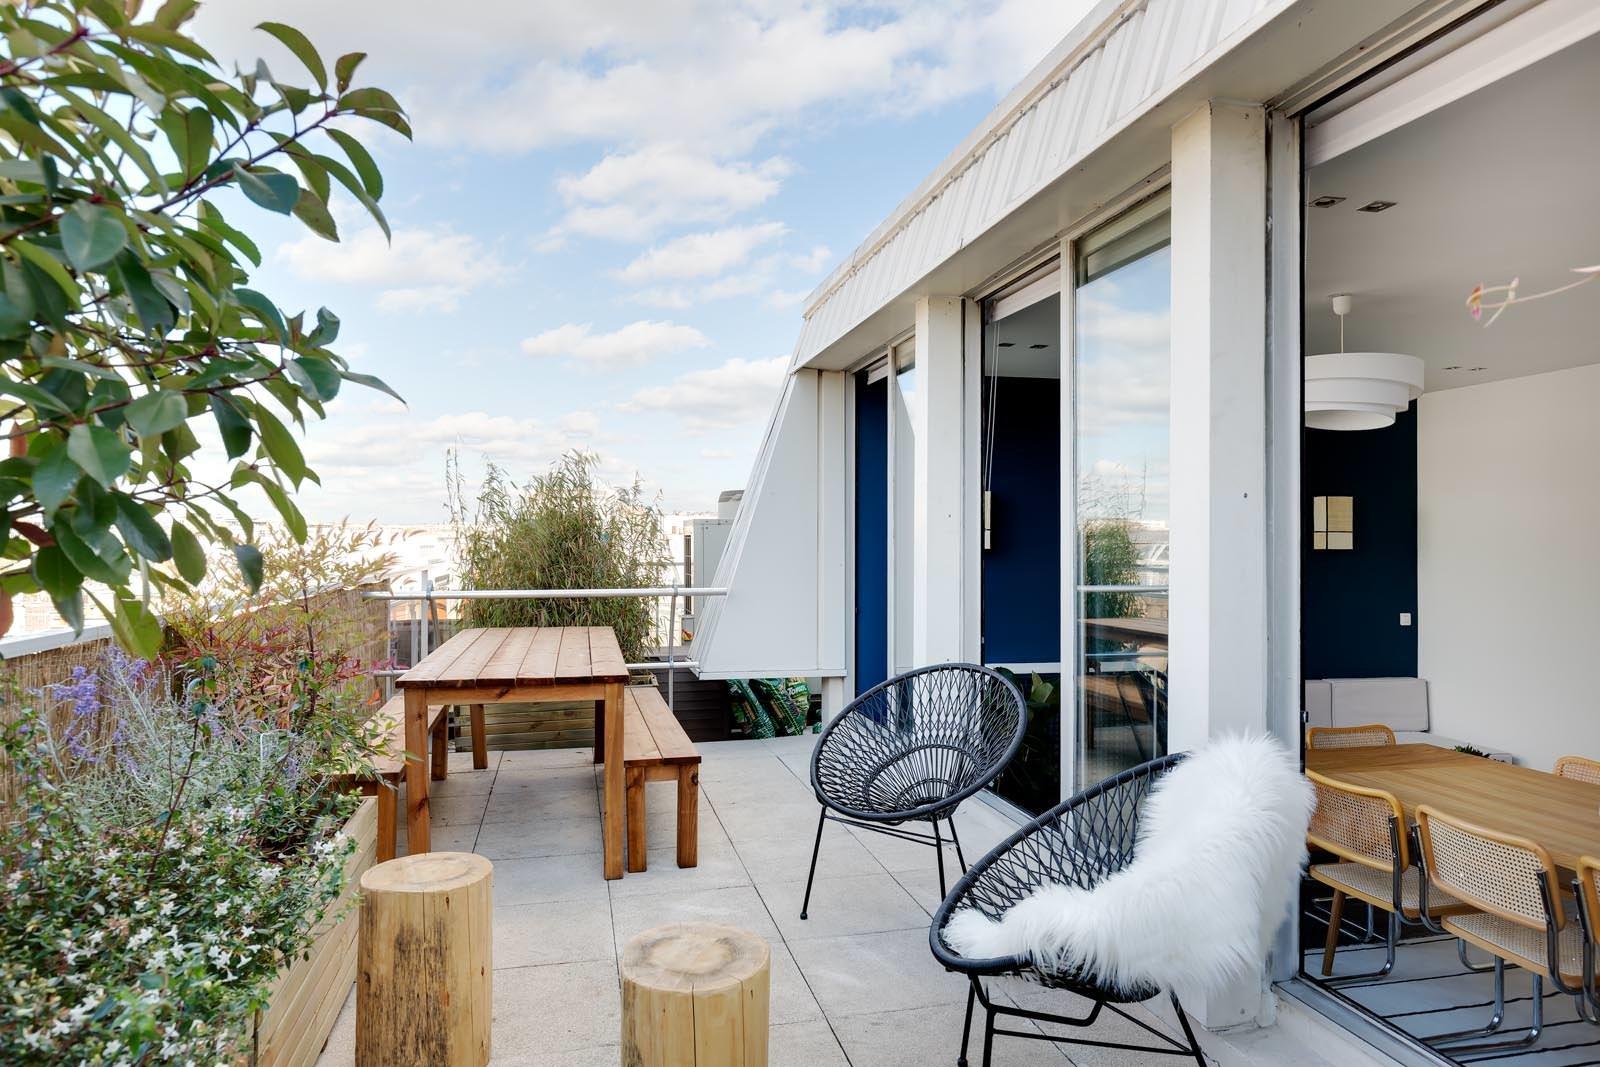 Terrasse tout en longueur donnant par des baies vitrée sur une salle de réunion intérieur. on y trouve une table longue en bois accompagné de son bac.